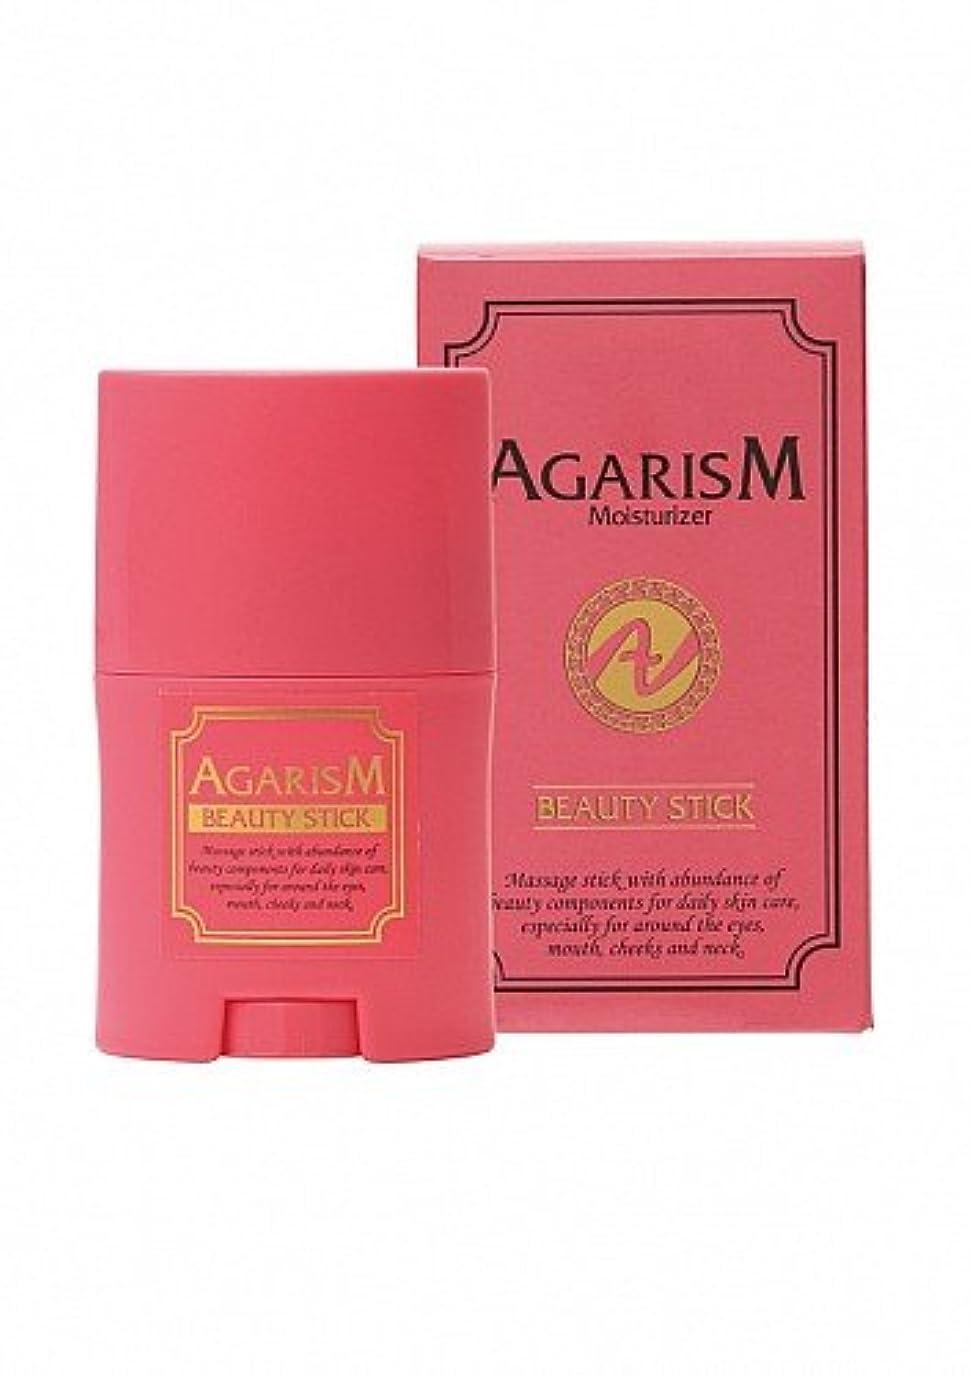 ピット切り刻む蒸留AGARISM モイスチャライザー アガリズム 小顔ローラー 美容クリーム むくみ防止 保湿 引き締め成分 天然オイル配合